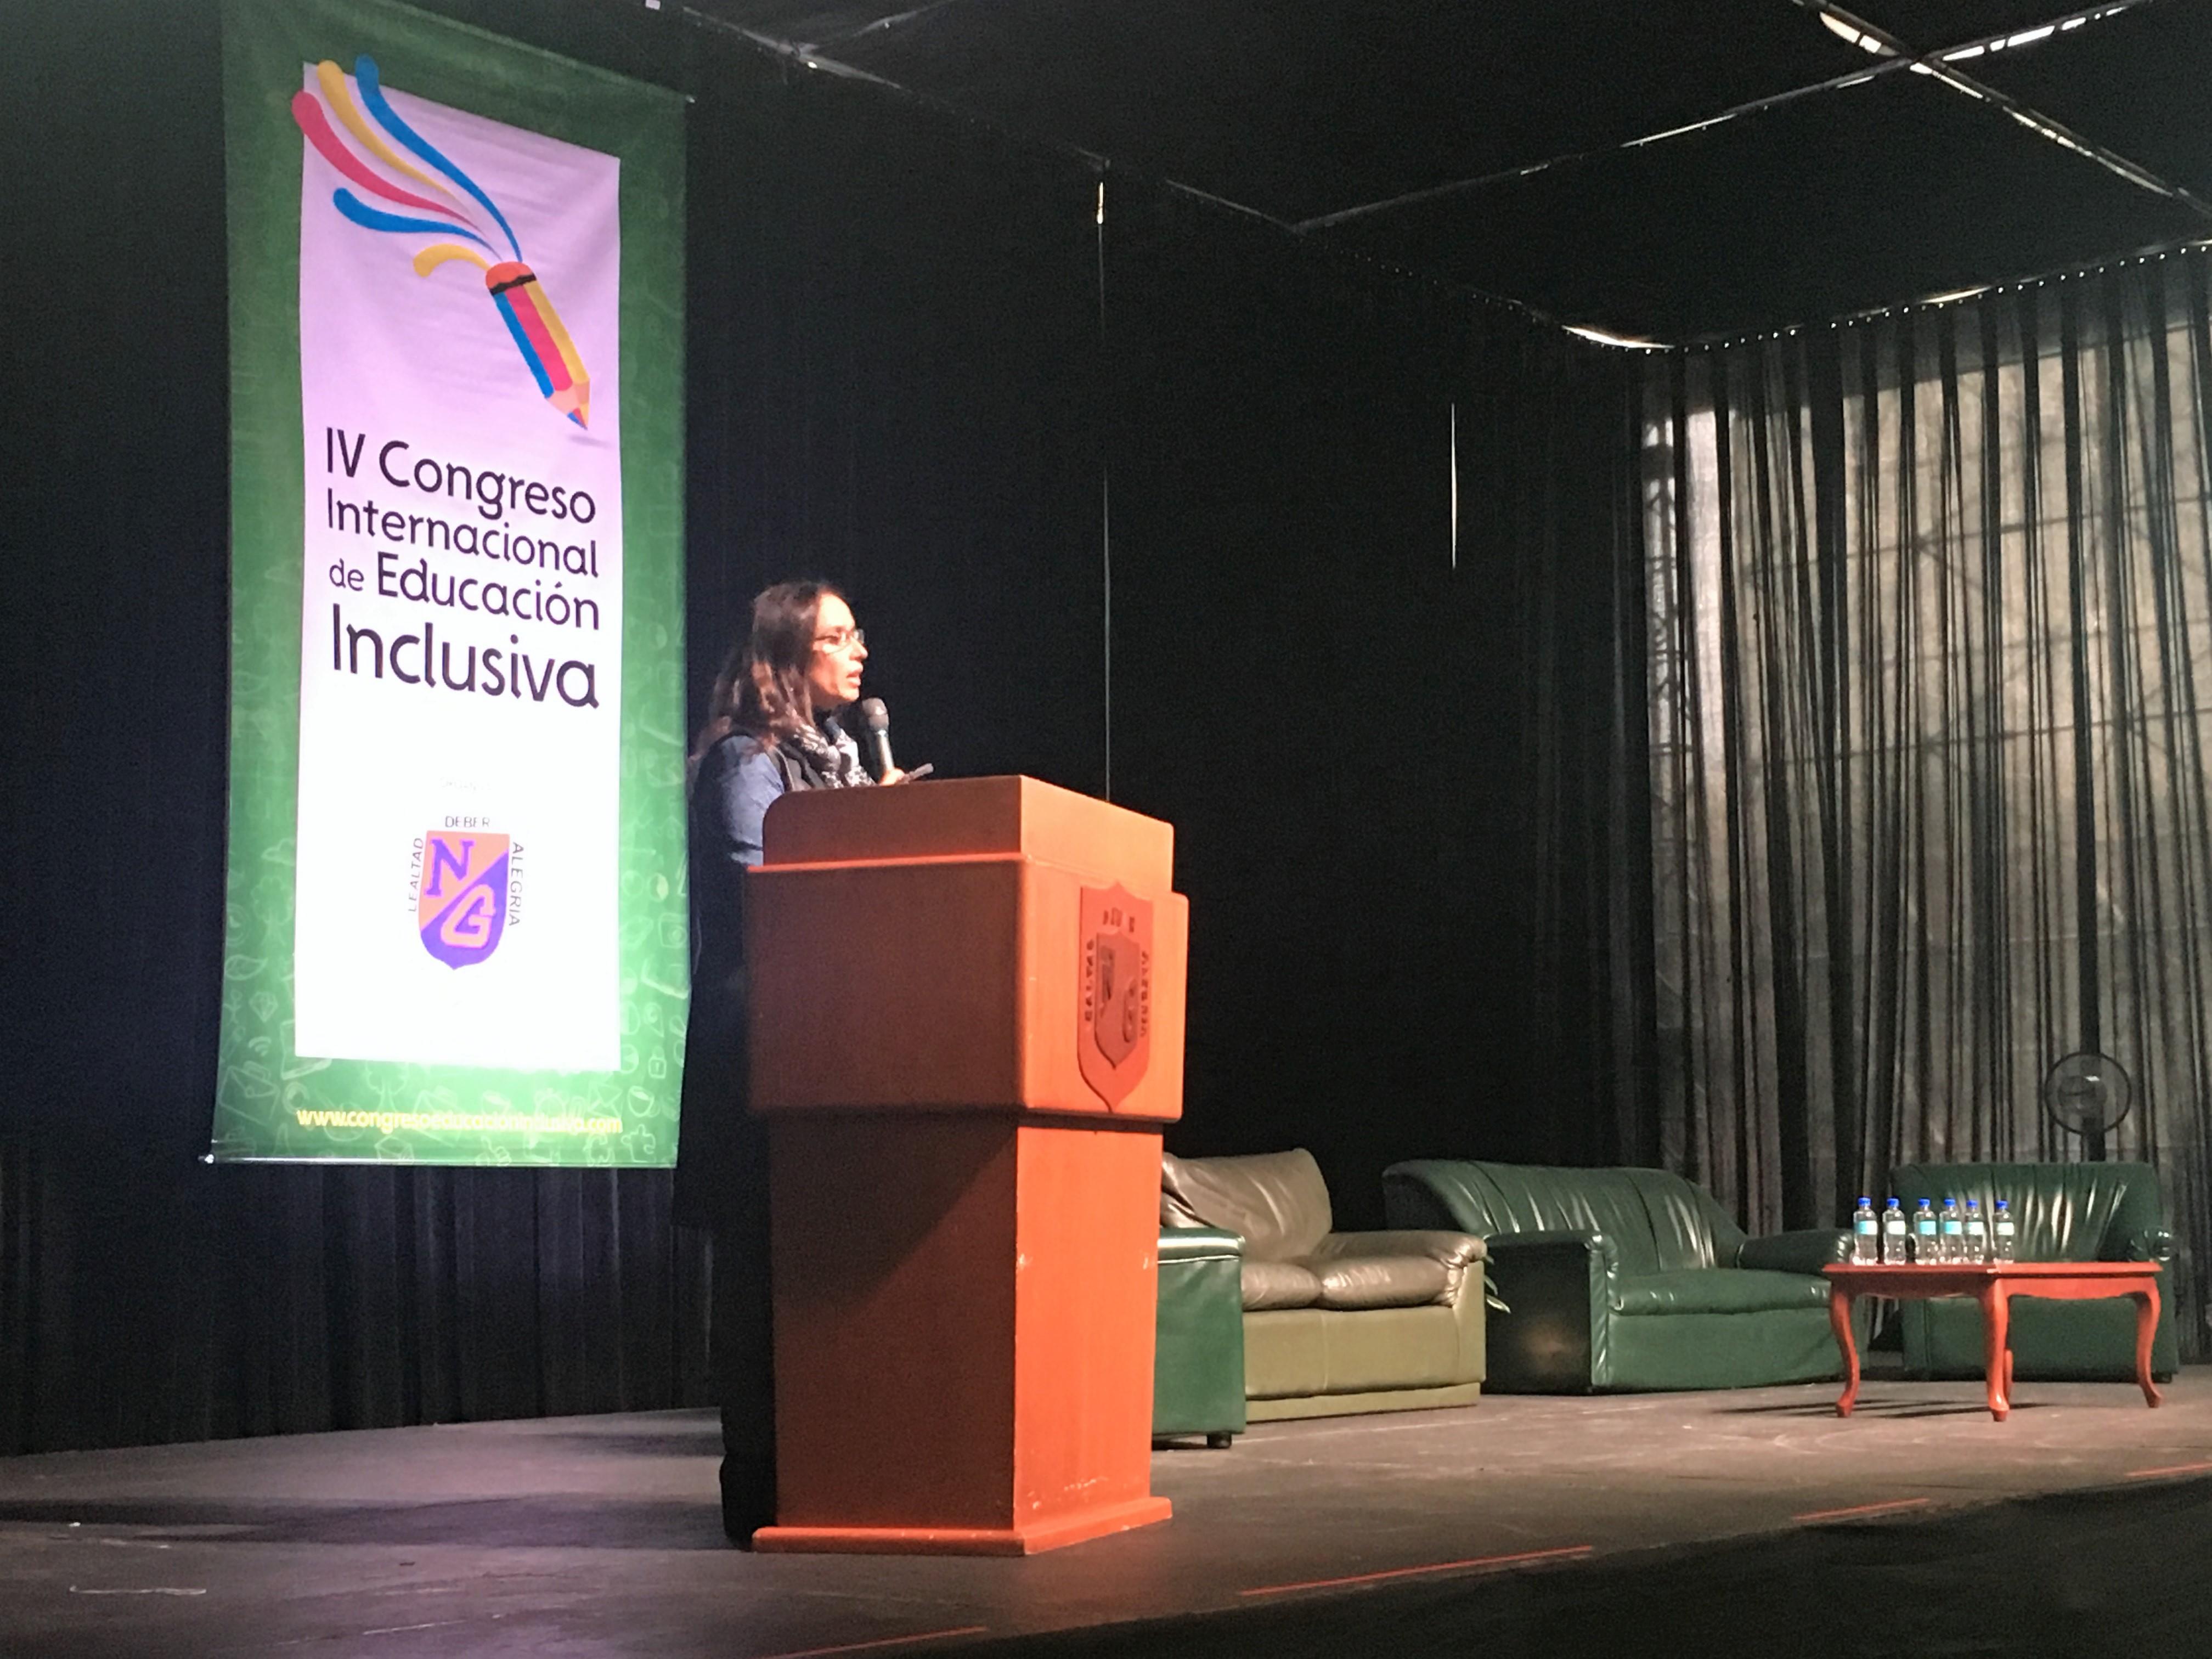 En Bogotá, comenzó el IV Congreso Internacional de Educación Inclusiva